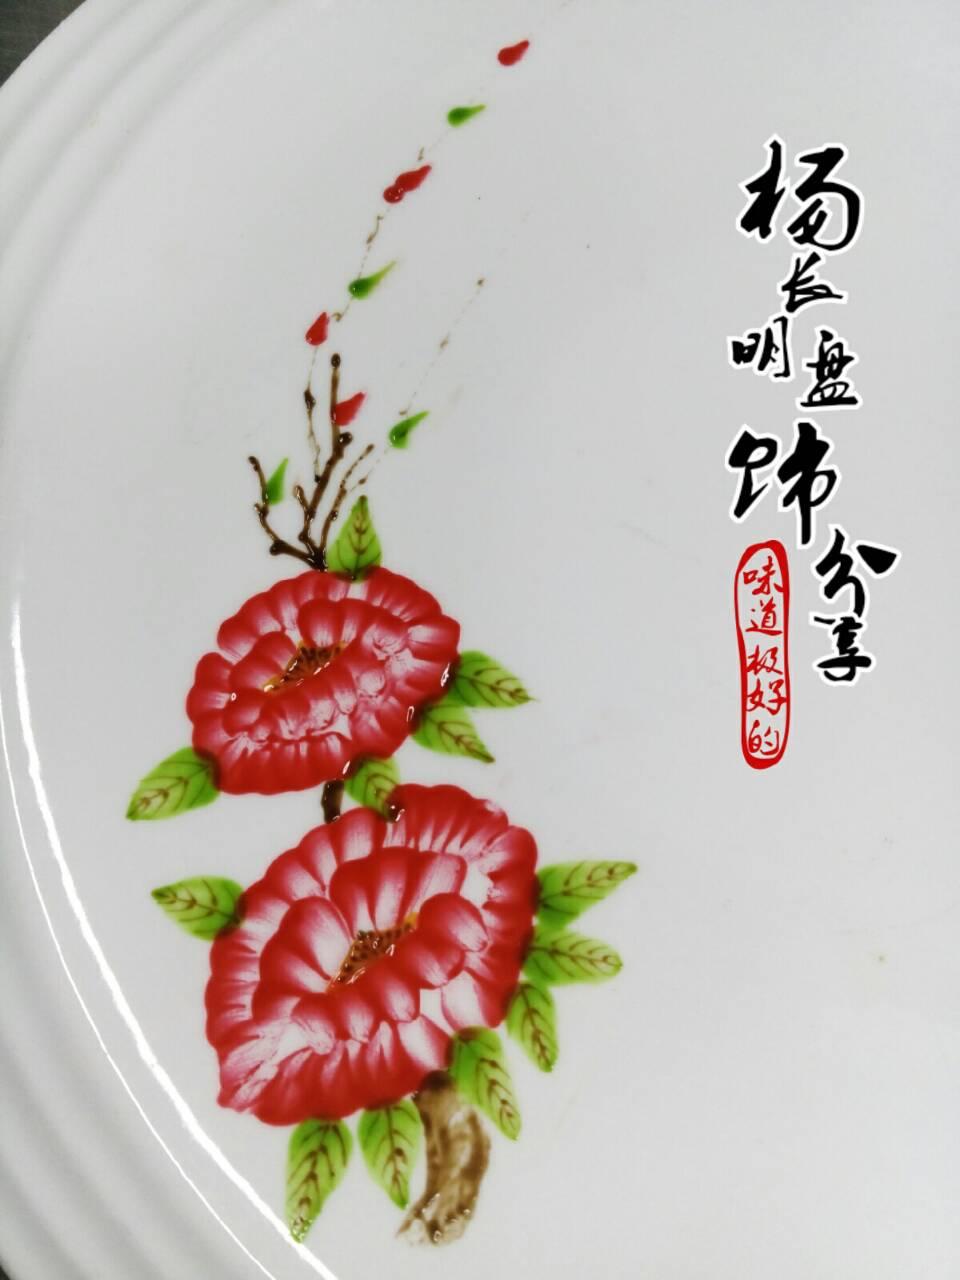 大厨杨长明盘式果酱画欣赏